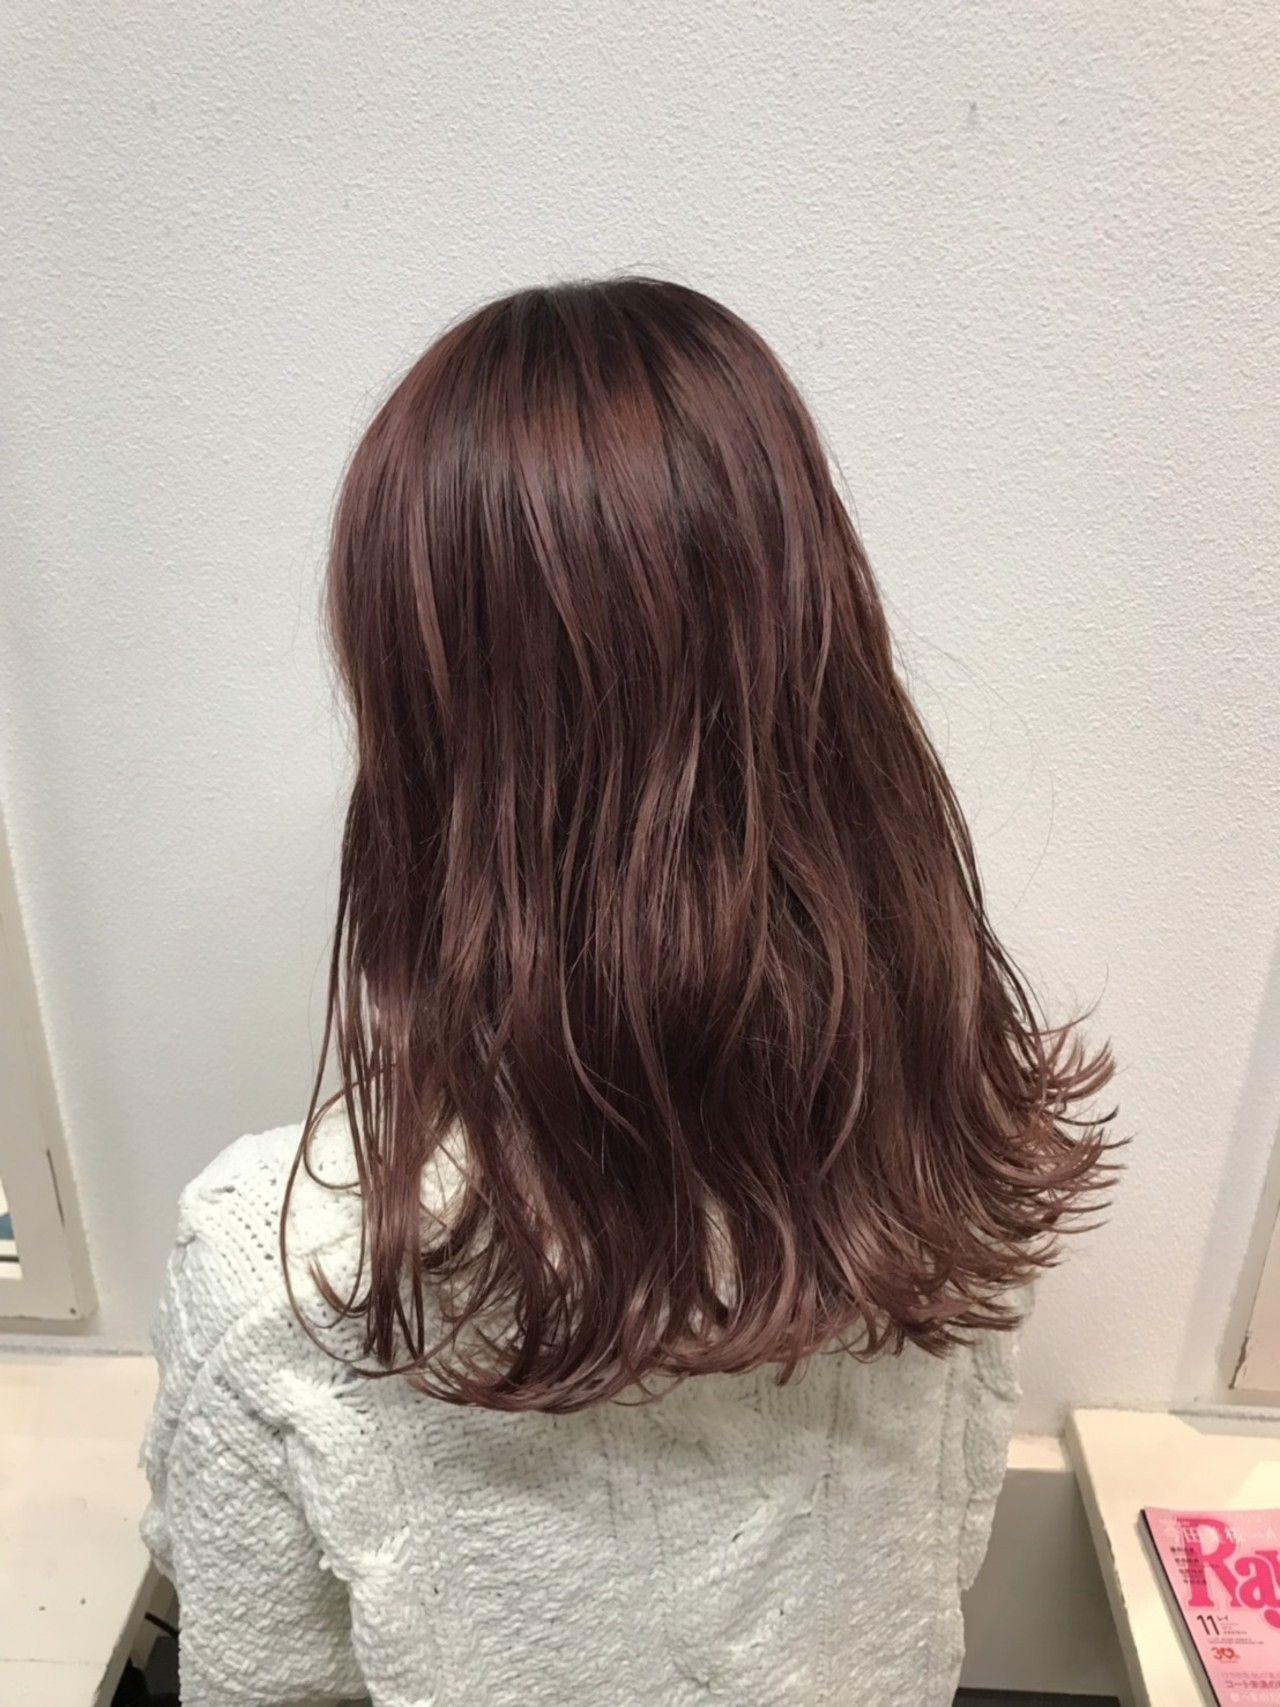 春のヘアカラーはピンクがかわいい モテ髪色レシピ集 ヘアスタイル